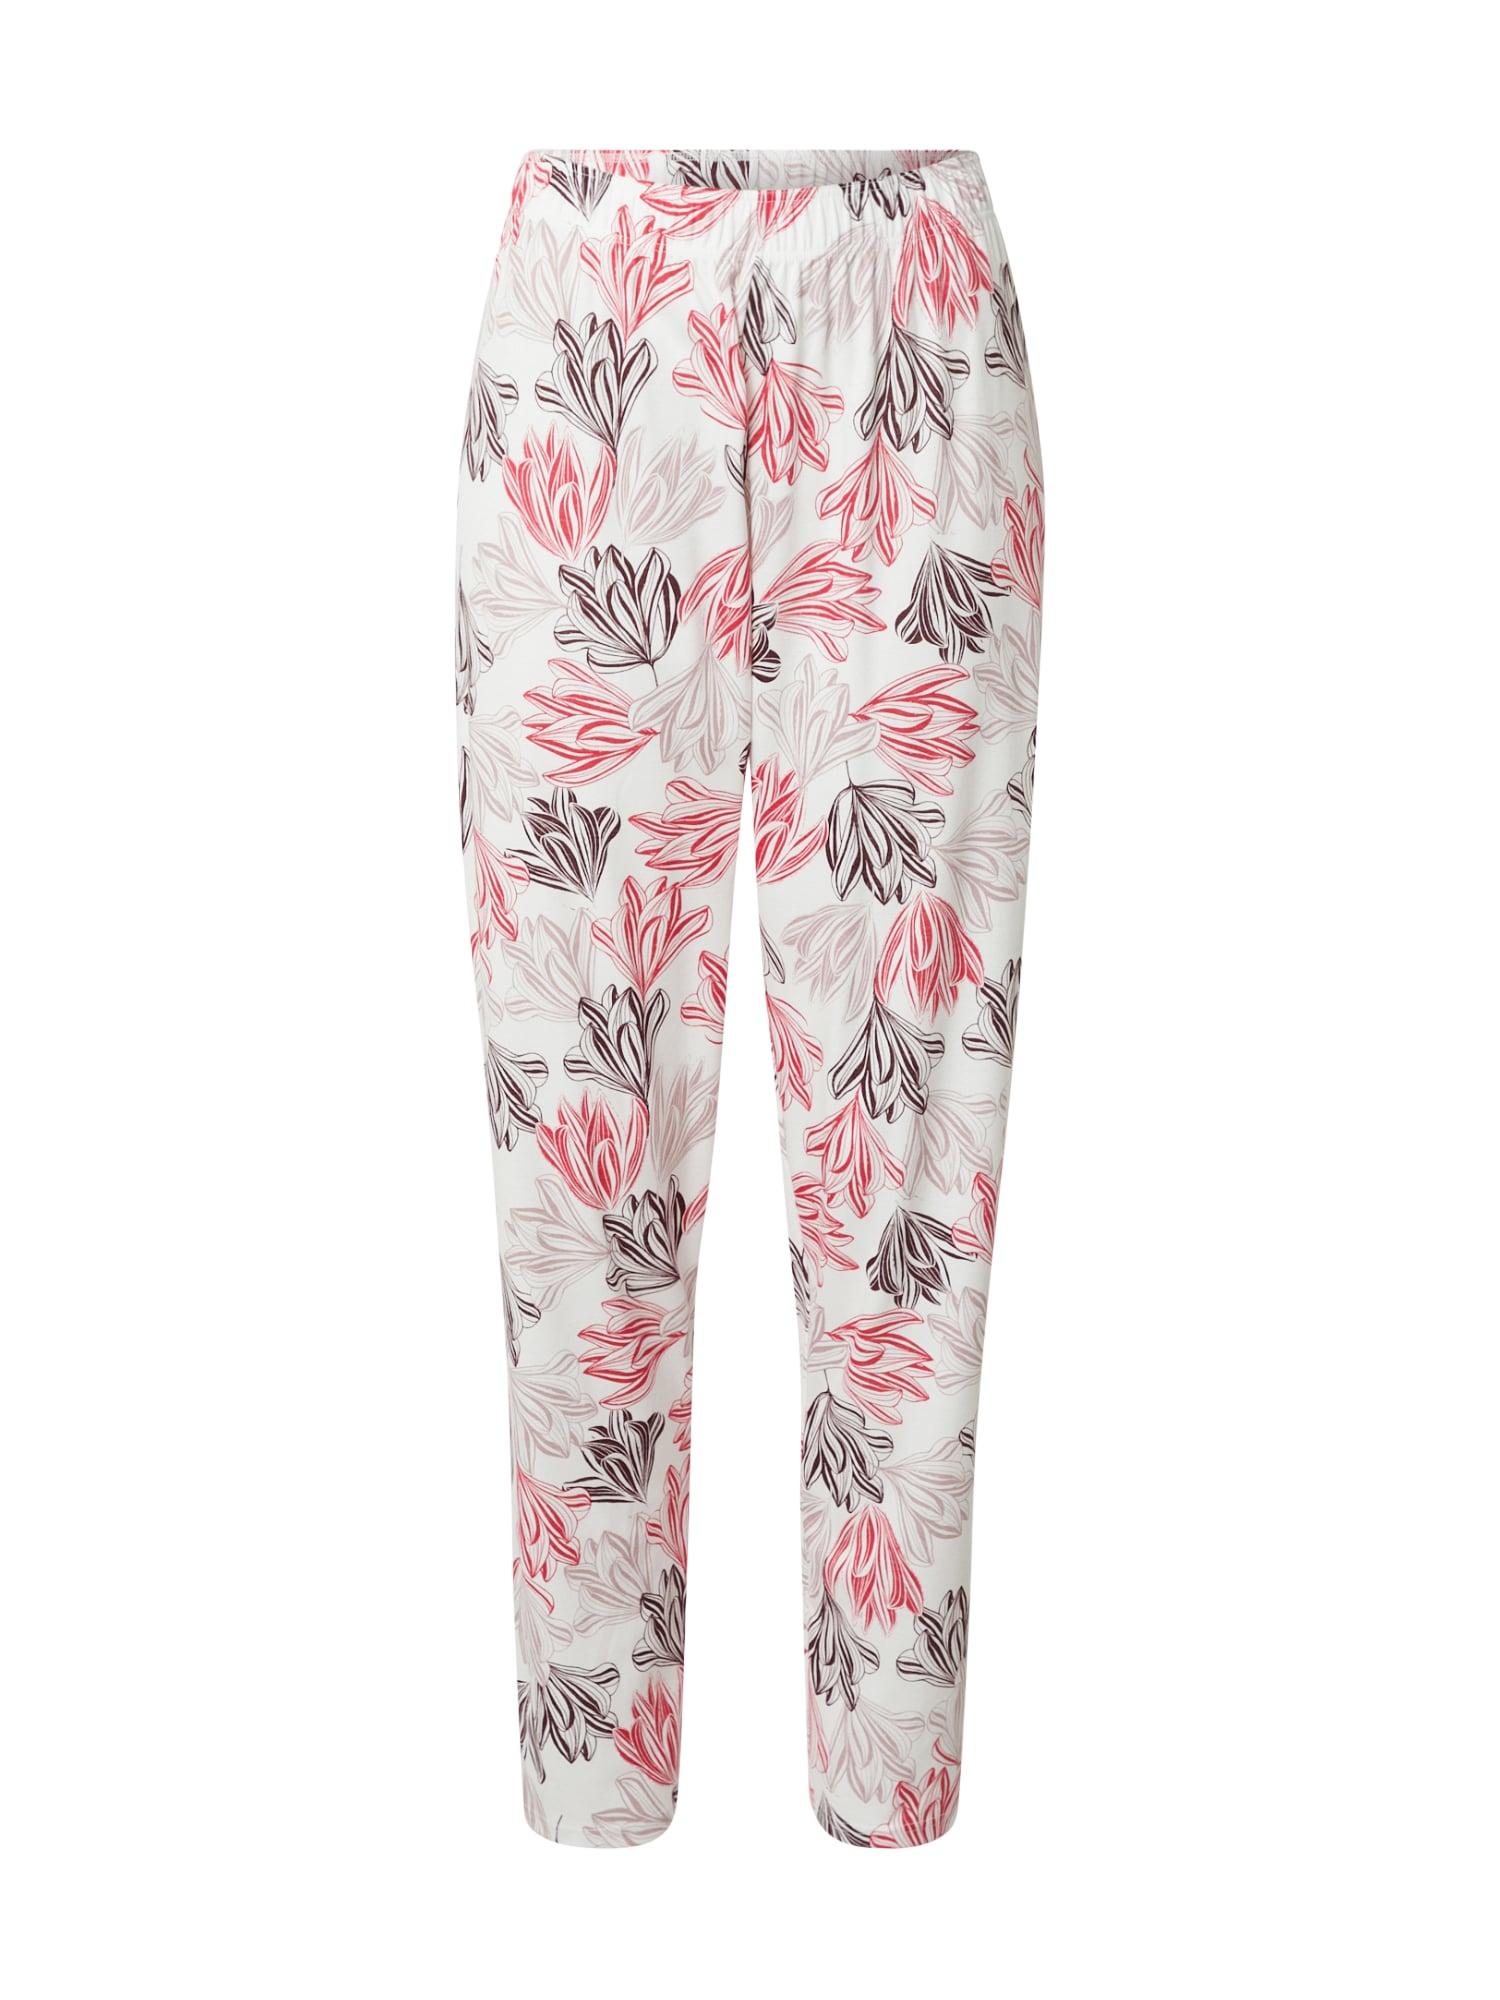 CALIDA Pižaminės kelnės rožinė / natūrali balta / rožių spalva